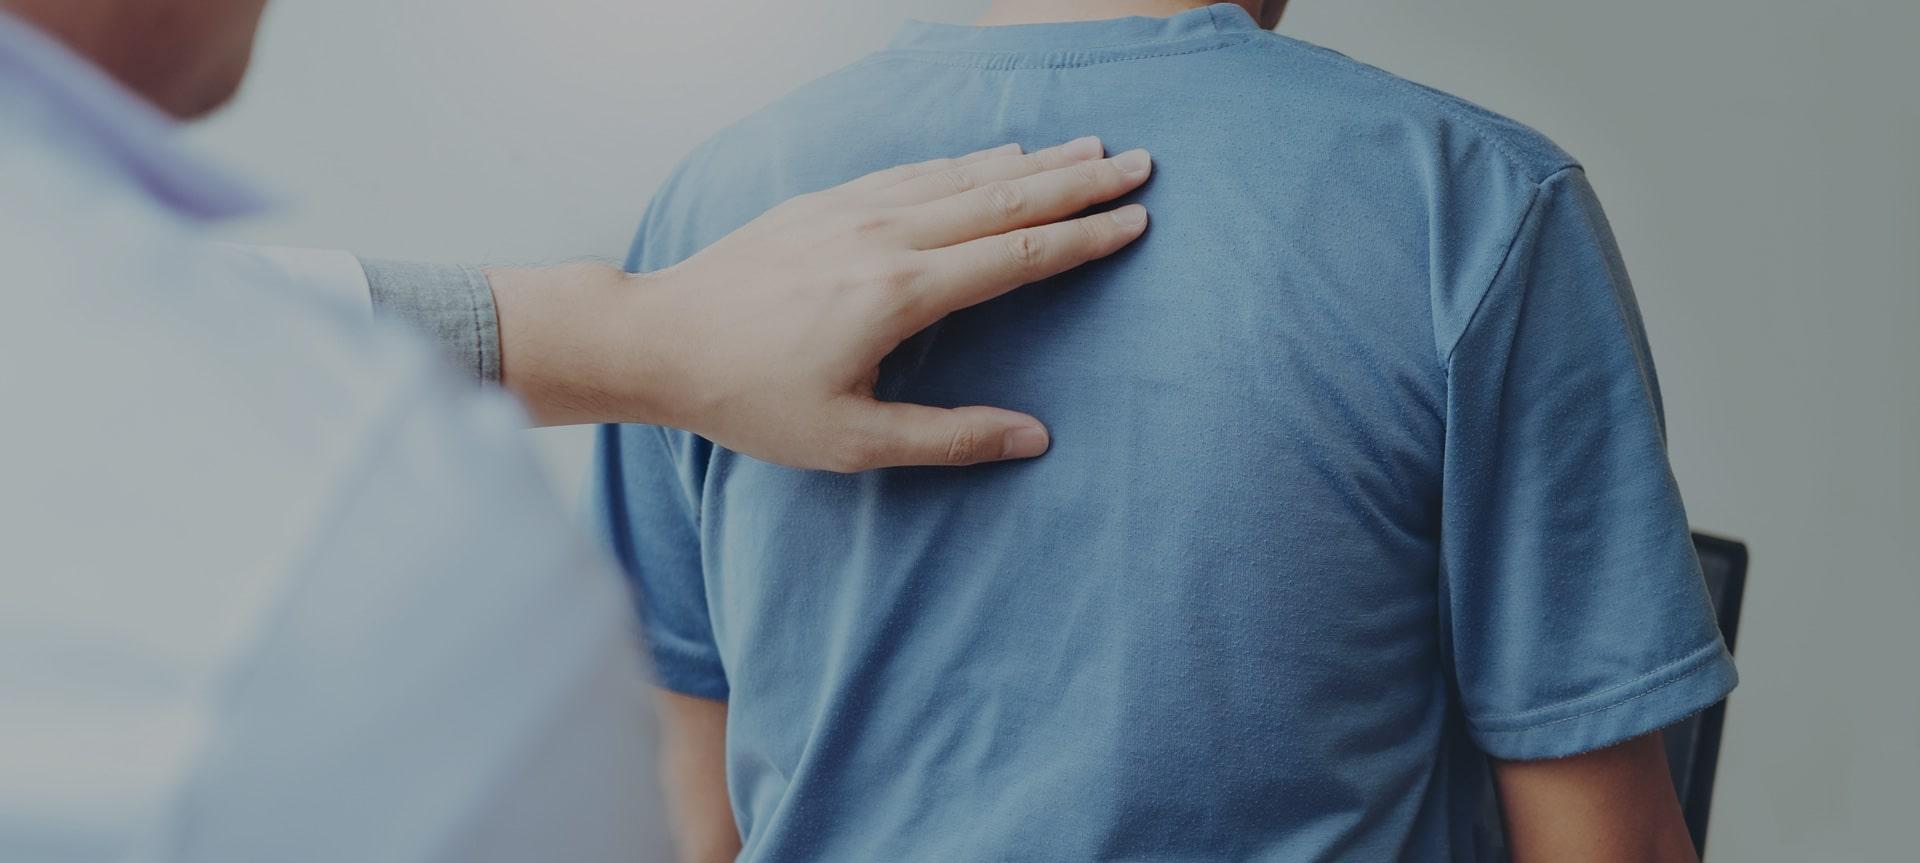 Untersuchung eines Rückens in der Wirbelsäulenchirurgie in Köln